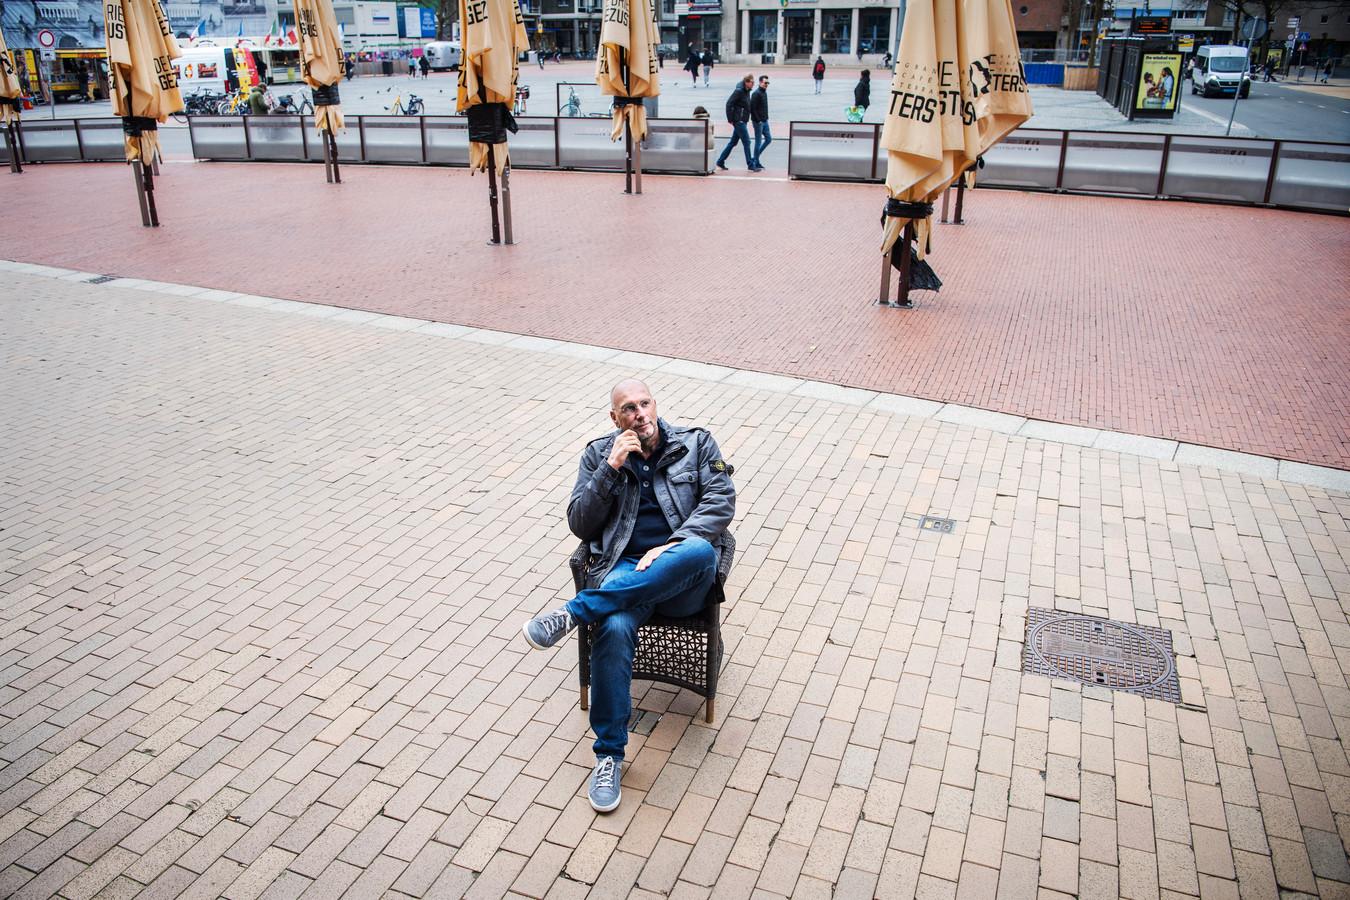 Horeceondernemer Laurens Meyer op het lege terras van De Drie Gezusters in Groningen.